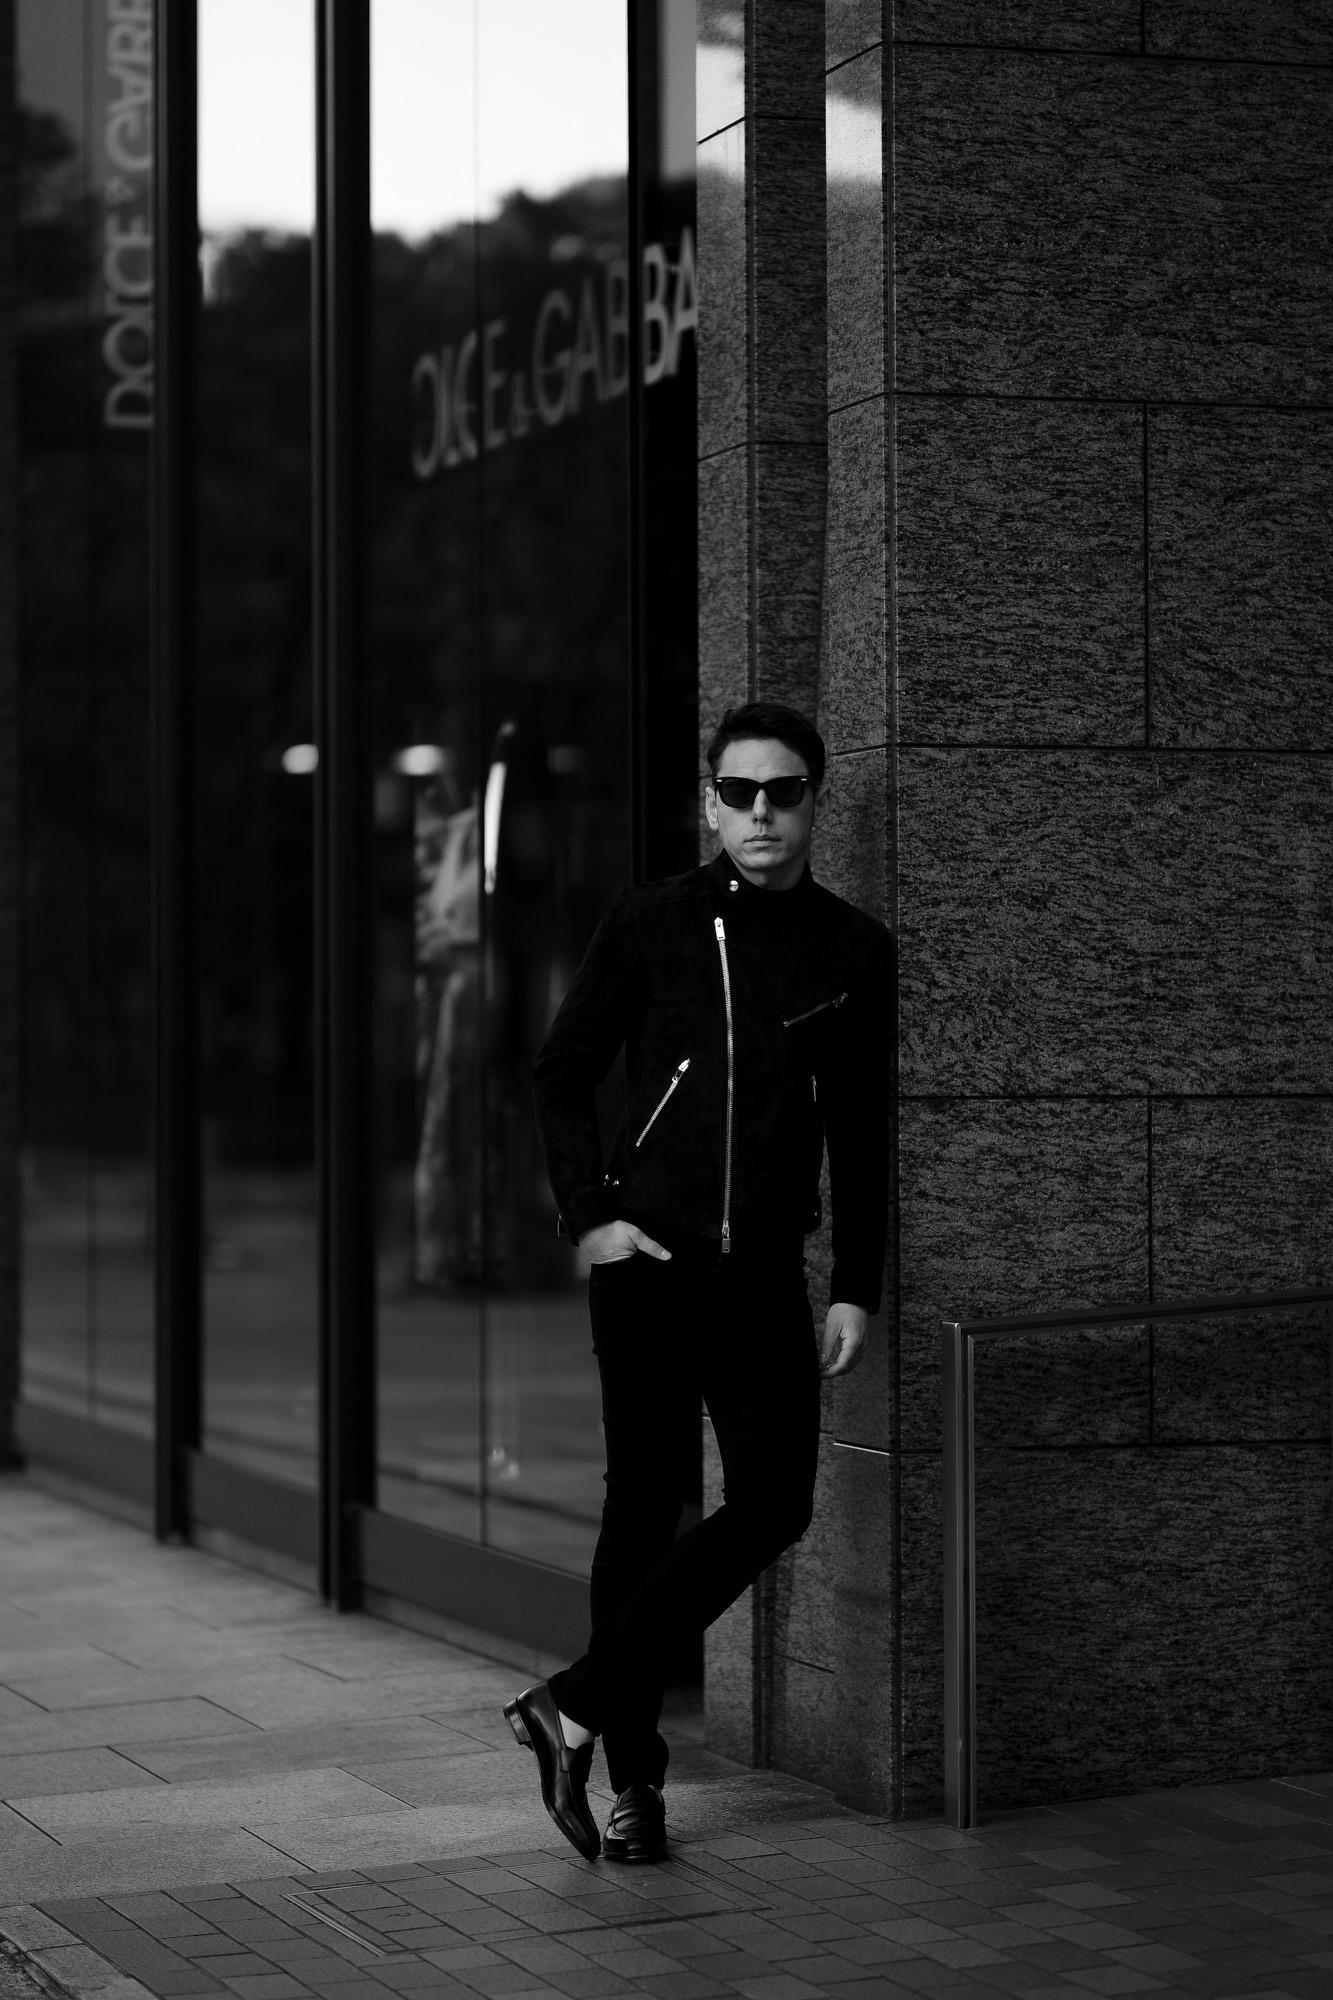 FIXER(フィクサー) F1(エフワン) DOUBLE RIDERS Cashmere Suede Leather ダブルライダース ジャケット BLACK(ブラック)  愛知 名古屋 Alto e Diritto altoediritto アルトエデリット レザージャケット ダブルレザー セミダブルライダース